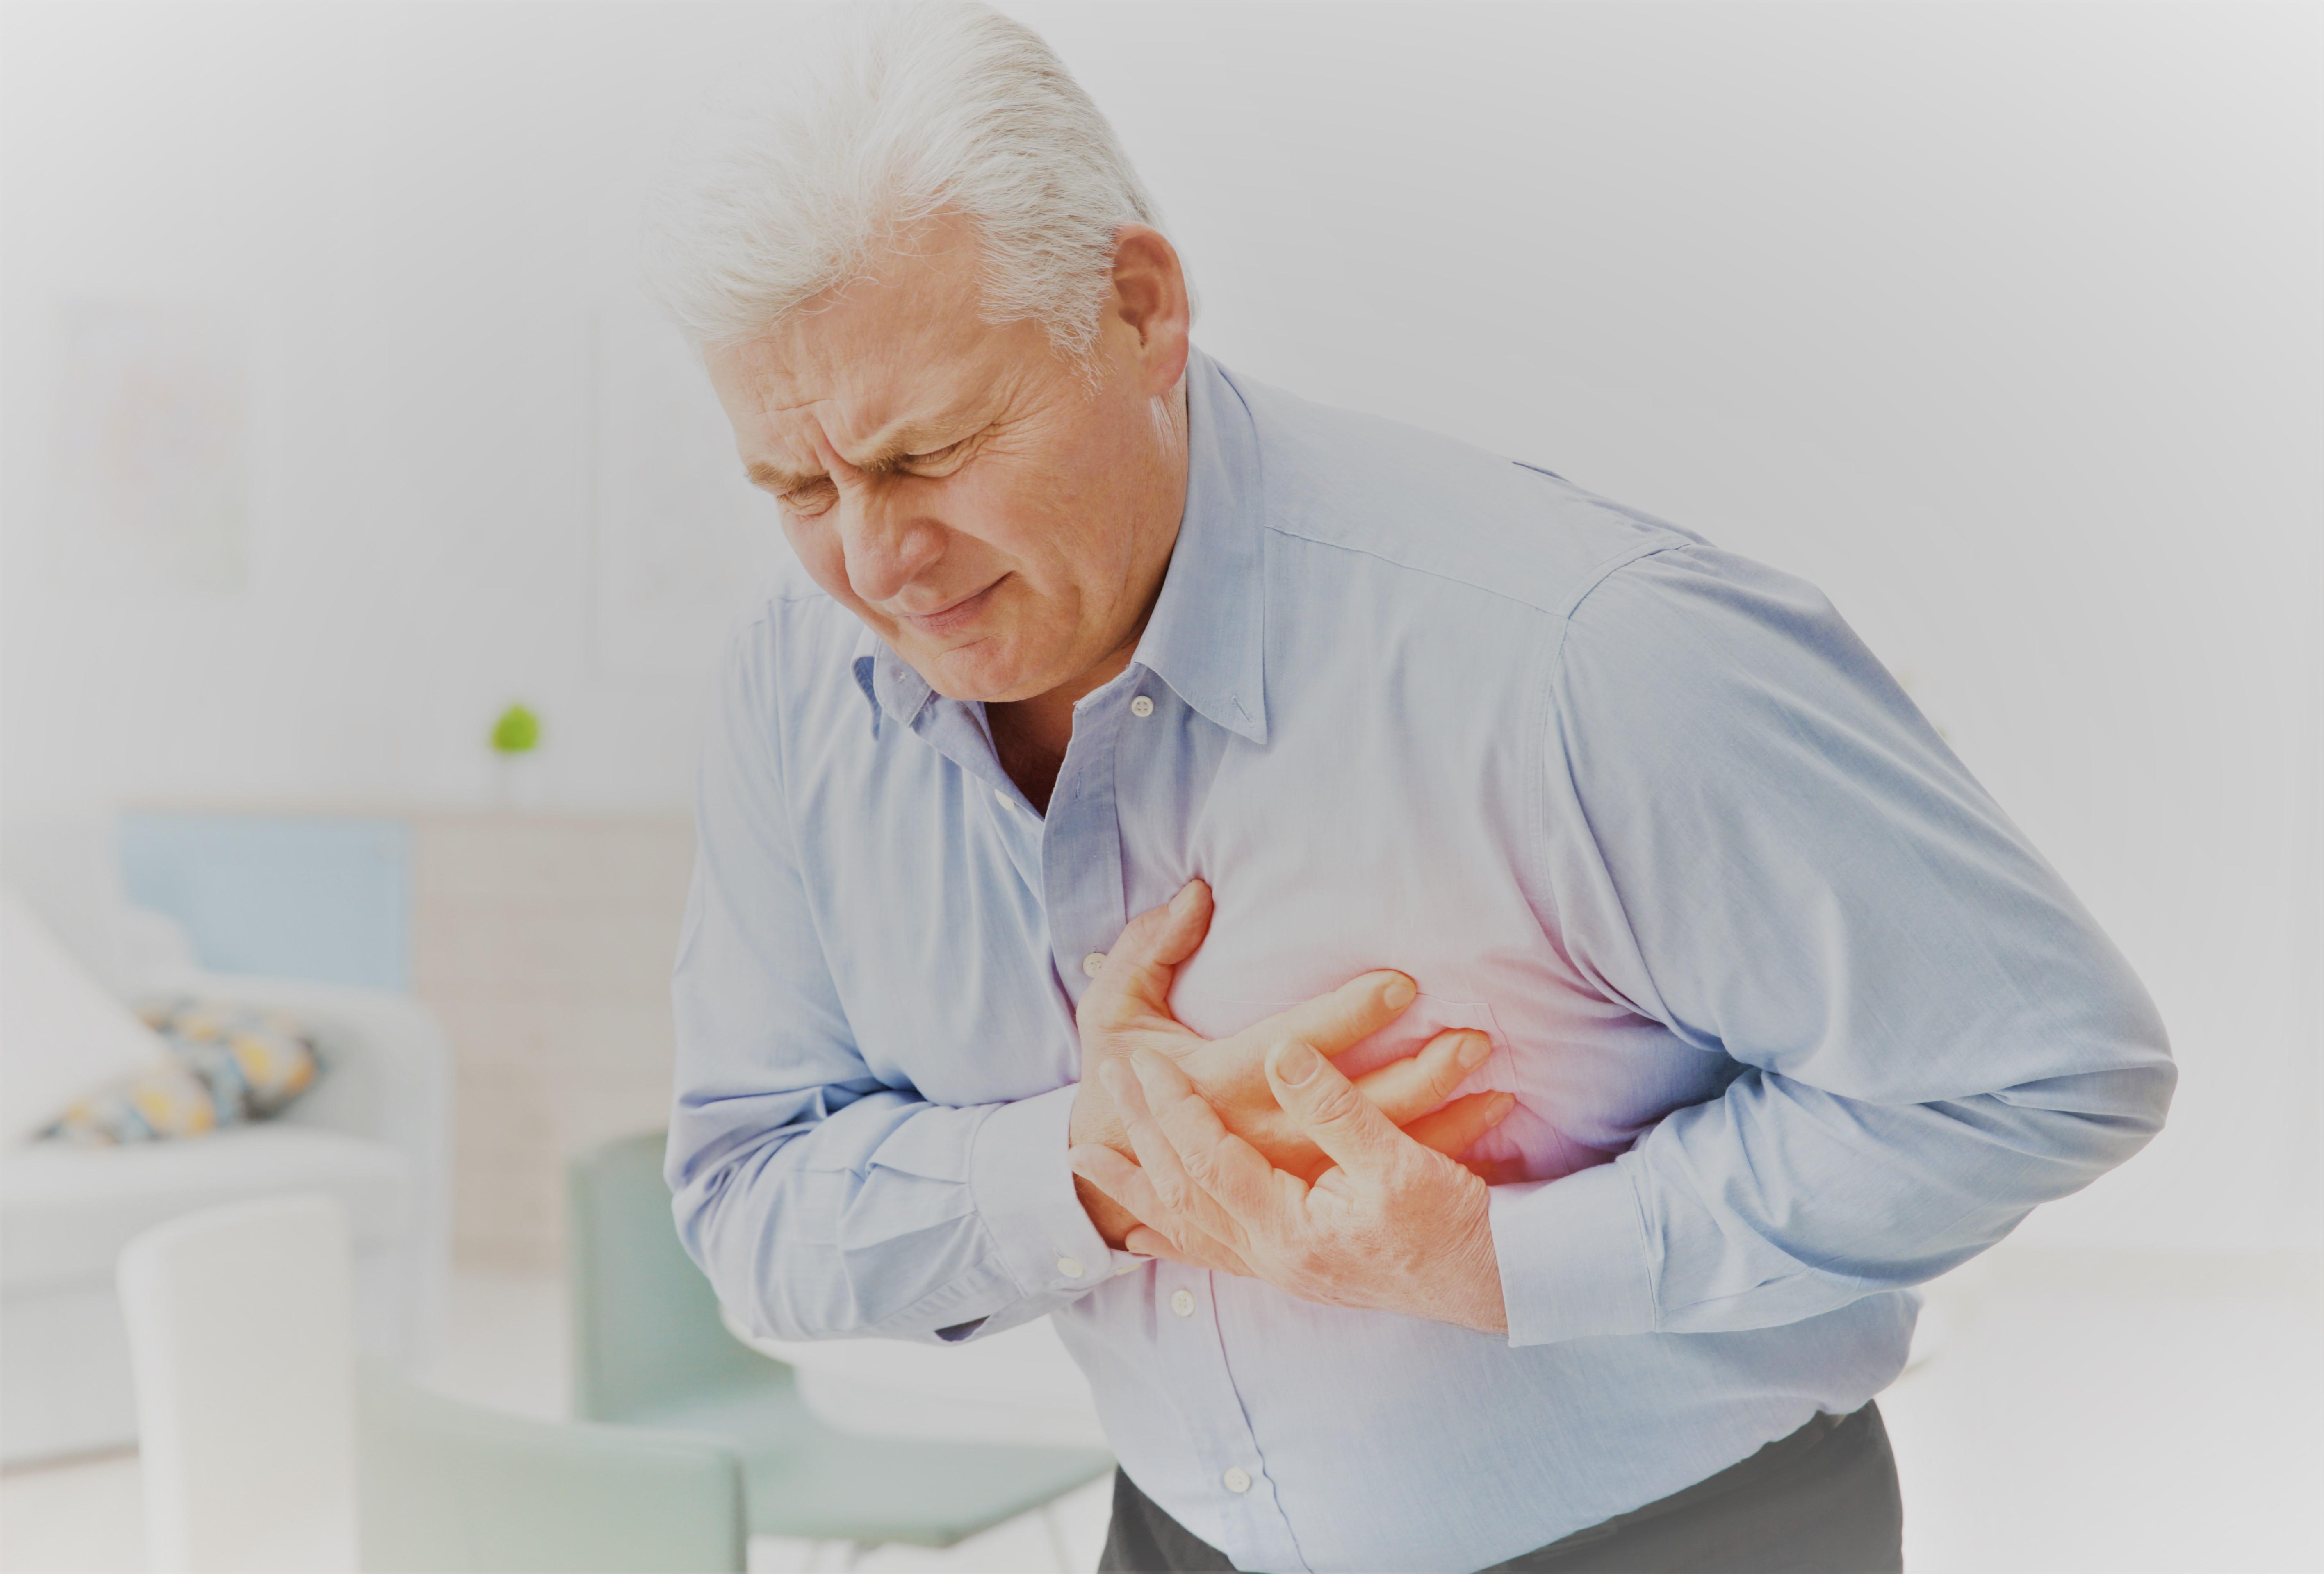 égő fájdalom a kéz ízületeiben)